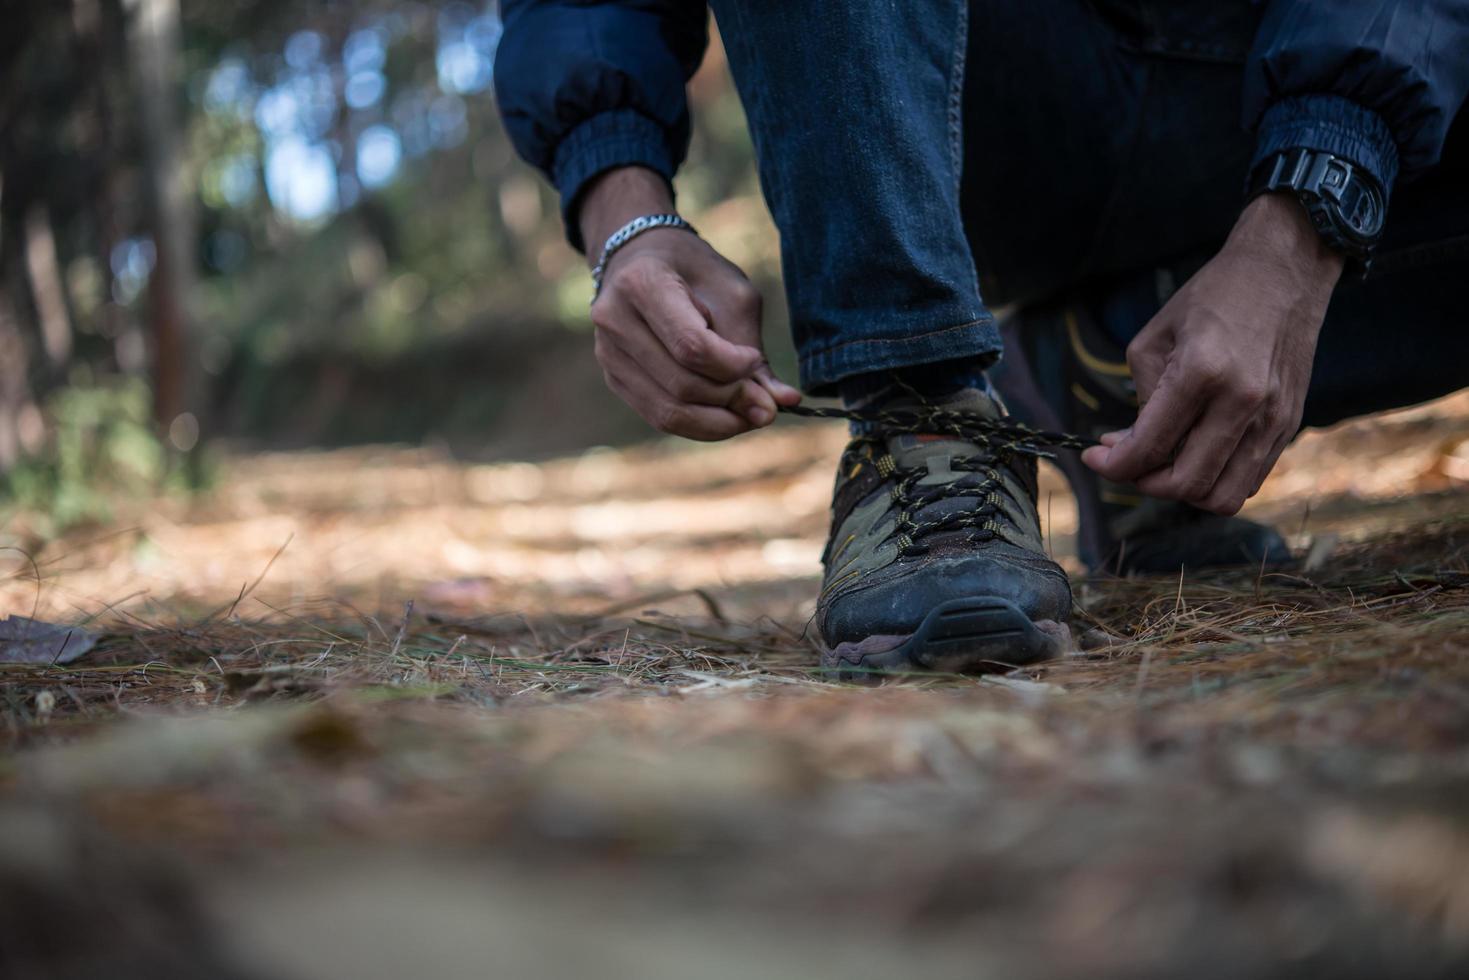 Homme jeune randonneur attache ses lacets de chaussures lors de la randonnée dans la forêt photo